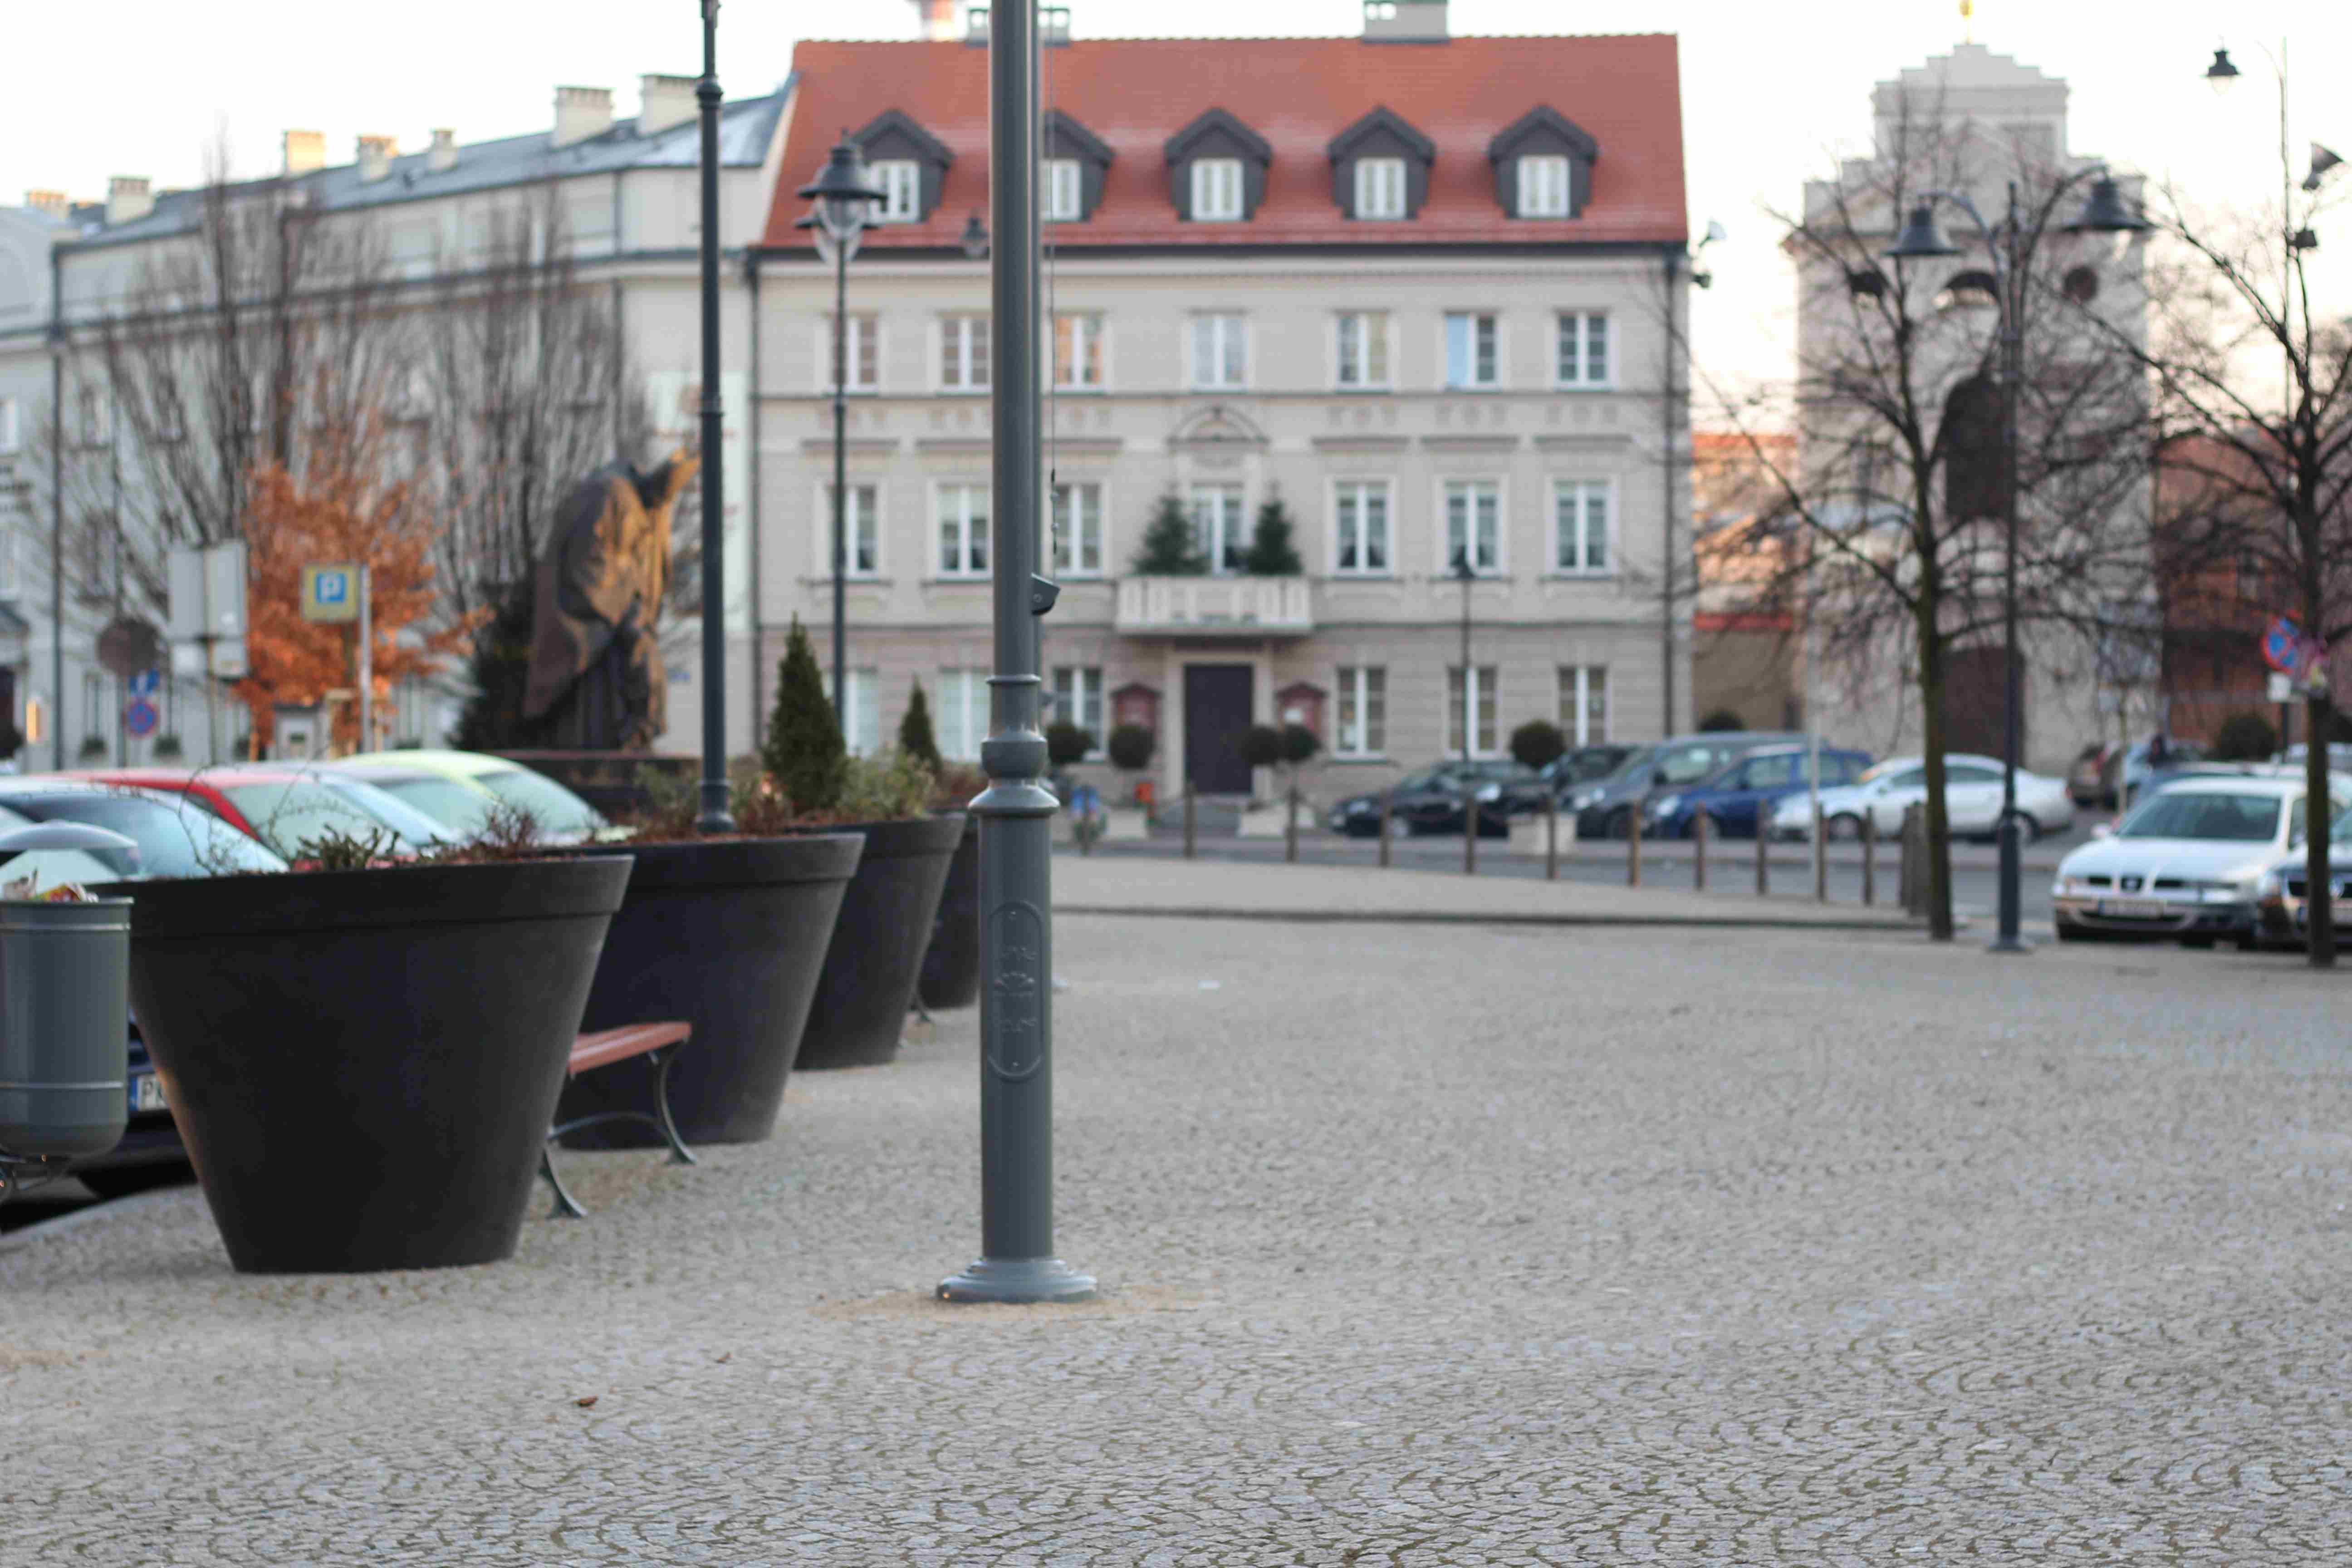 plac św. józefa kalisz - Danuta Synkiewicz